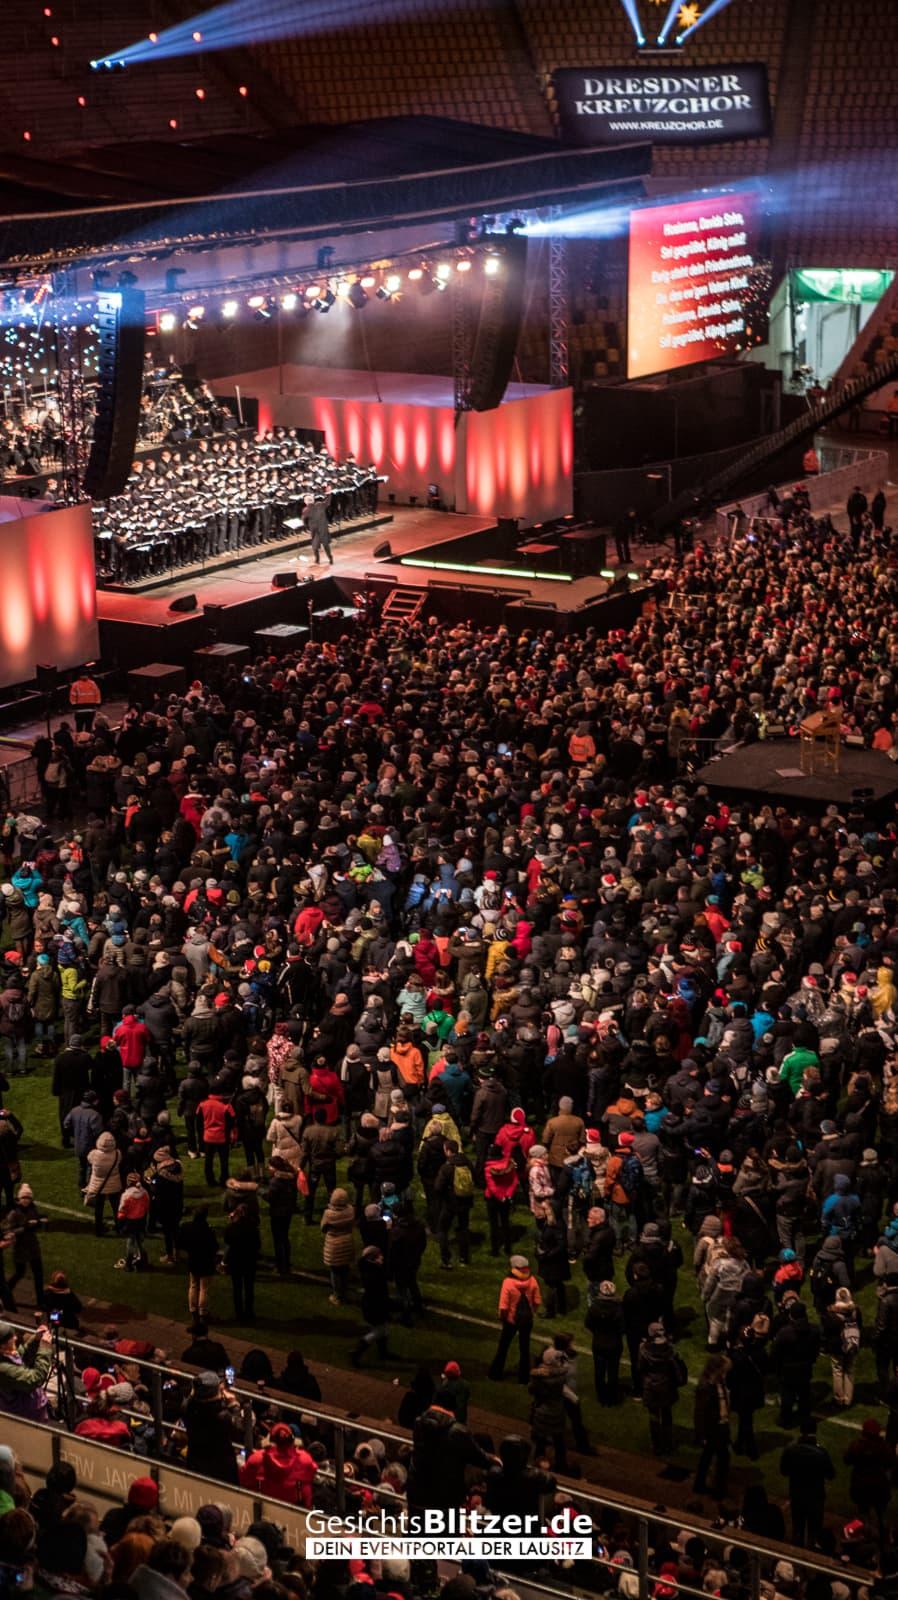 Adventskonzert 2018 Im Rudolf Harbig Stadion Gesichtsblitzerde